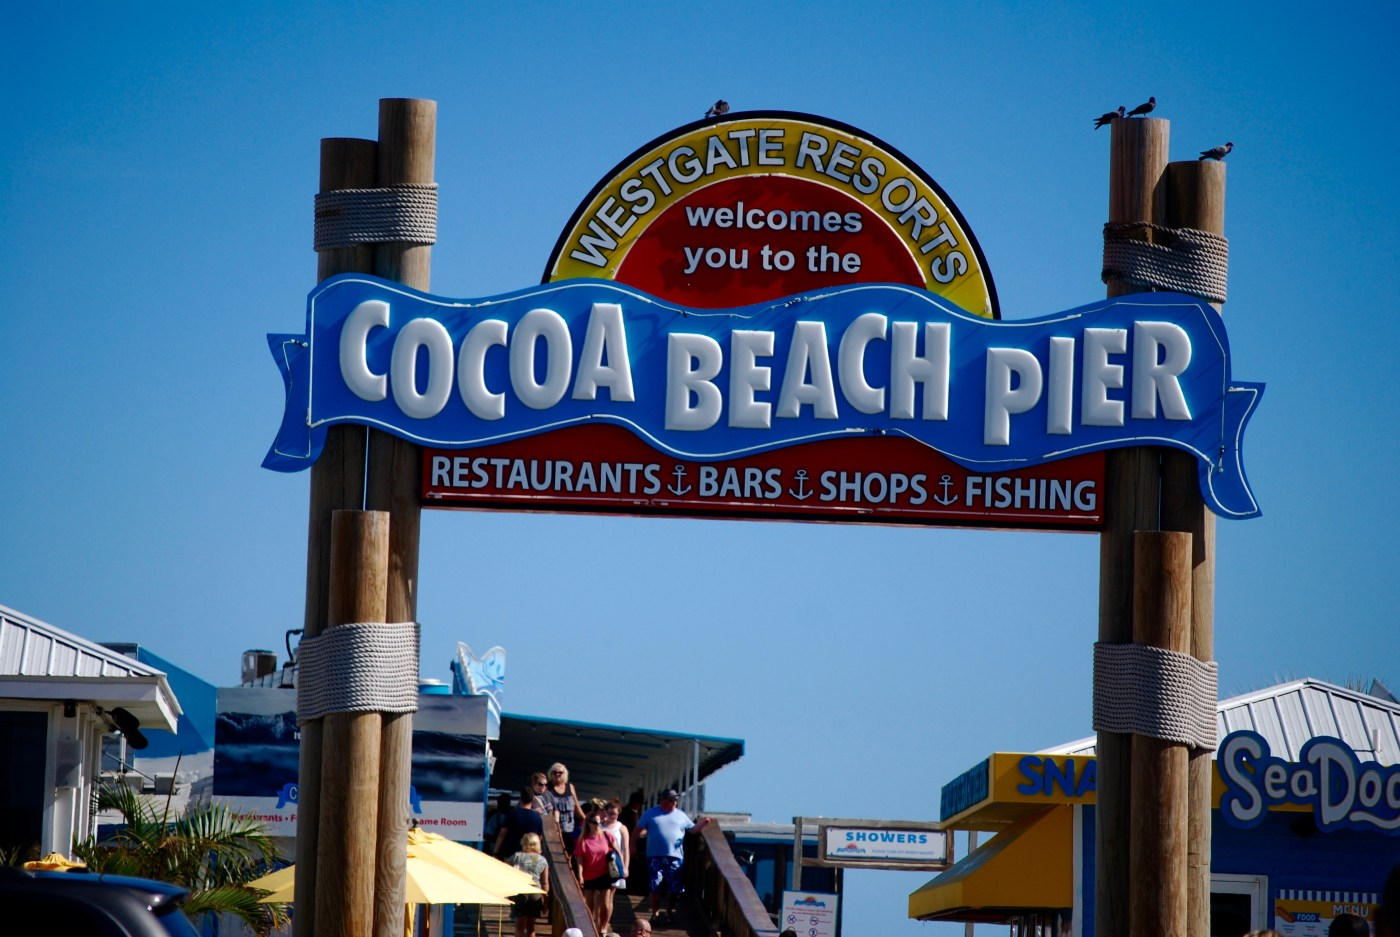 Cocoa Beach Pier Photo: Cyndi Lenz